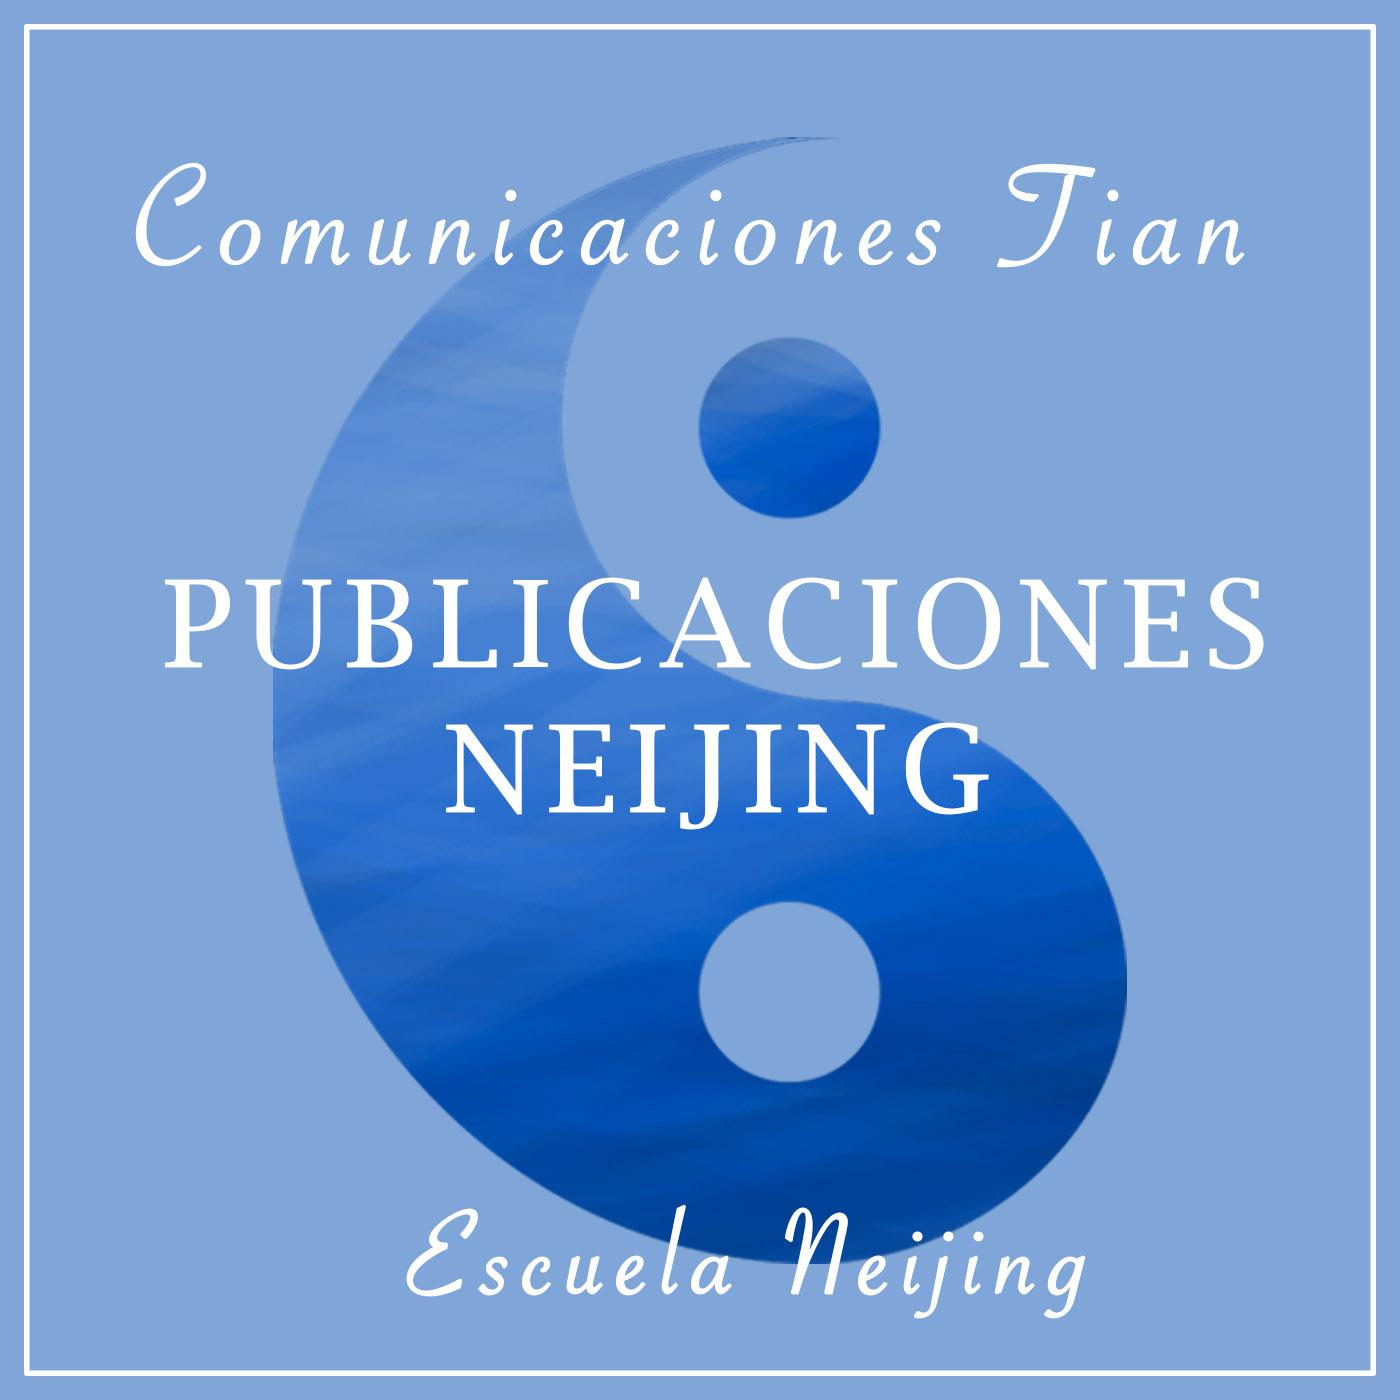 Publicaicones.jpg